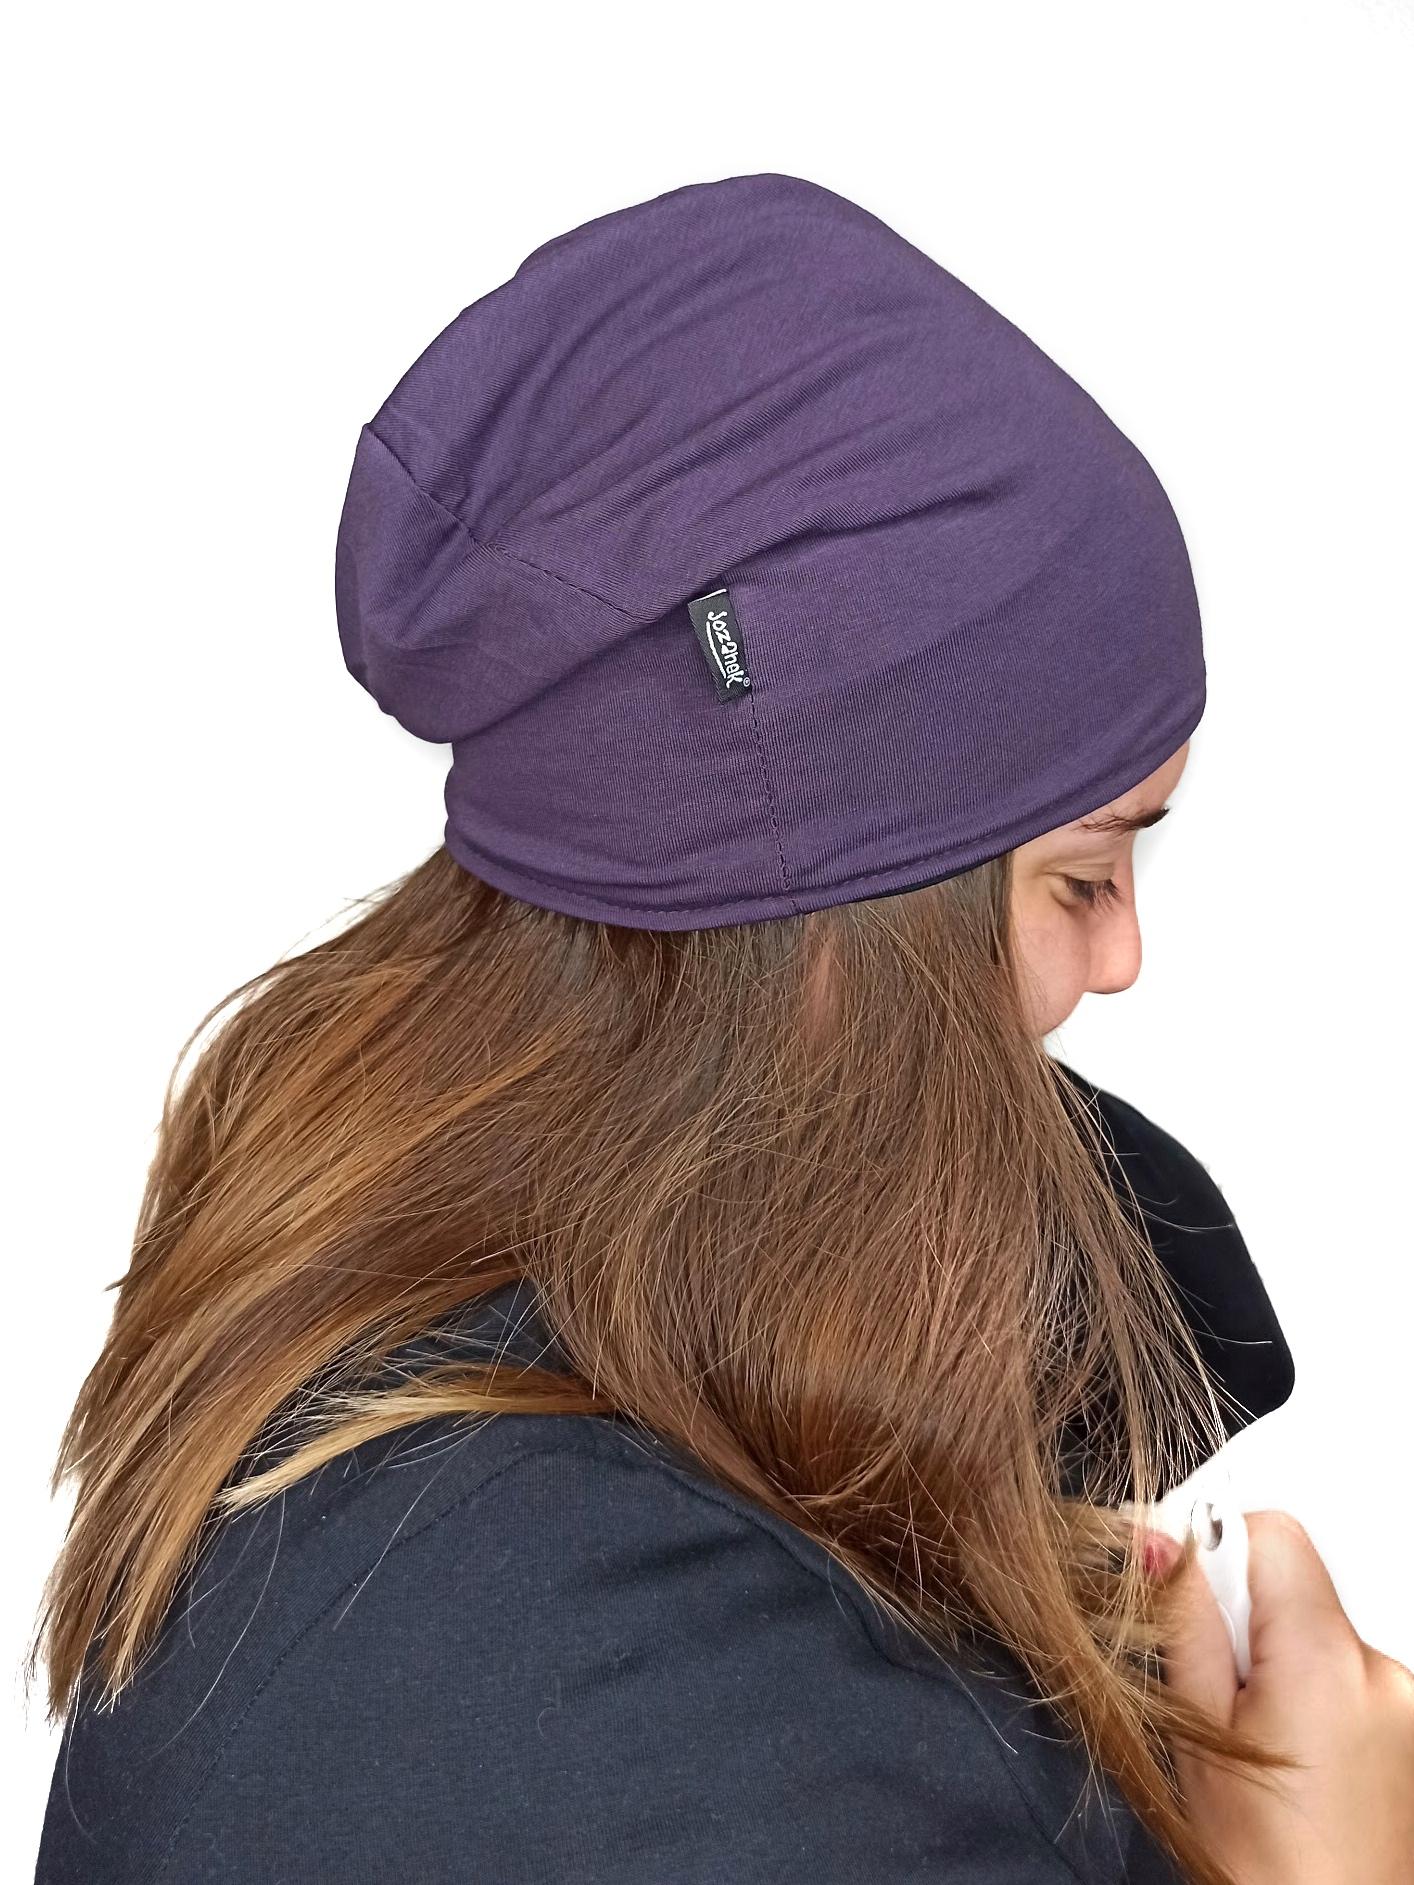 Dámská čepice bavlněná, oboustranná, černá+švestkově fialová